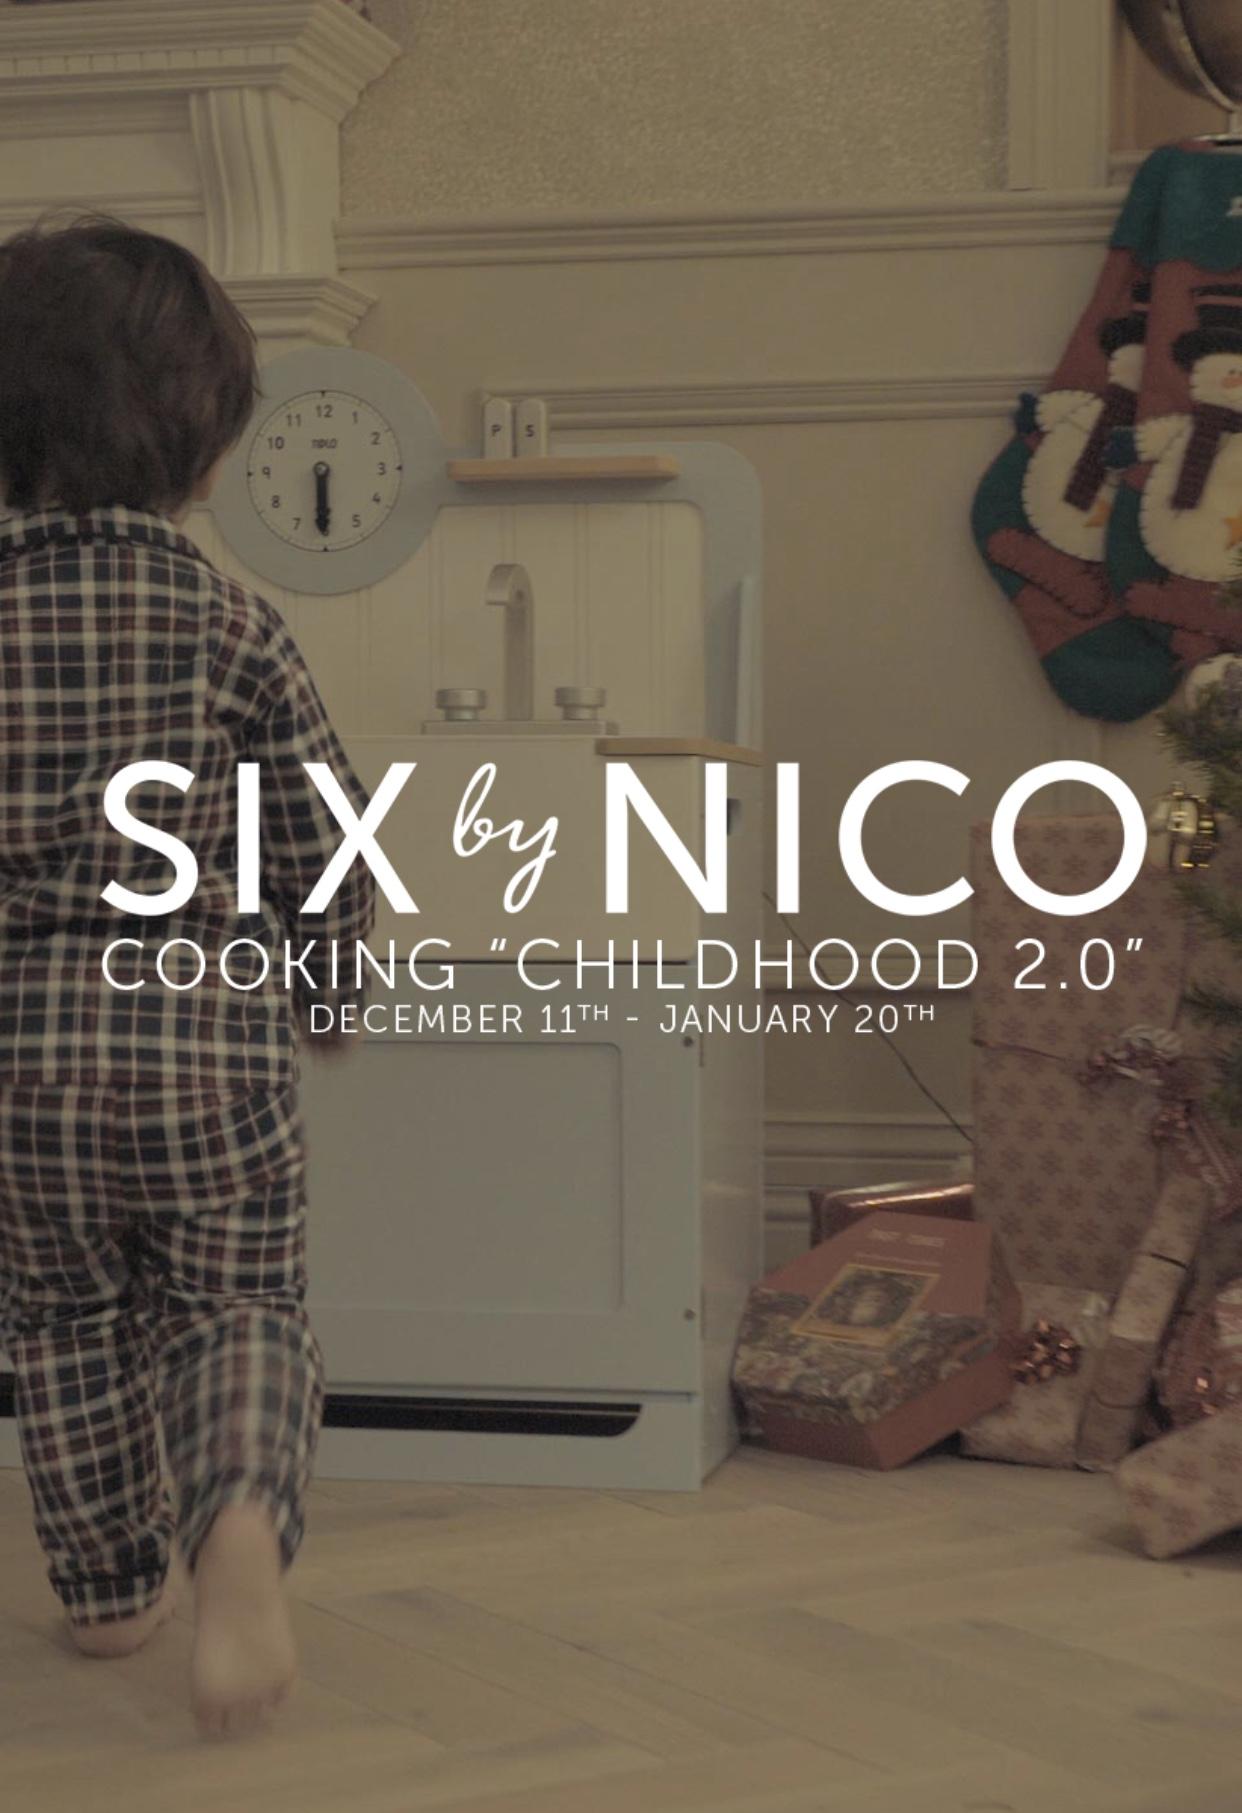 Six by Nico childhood 2.0